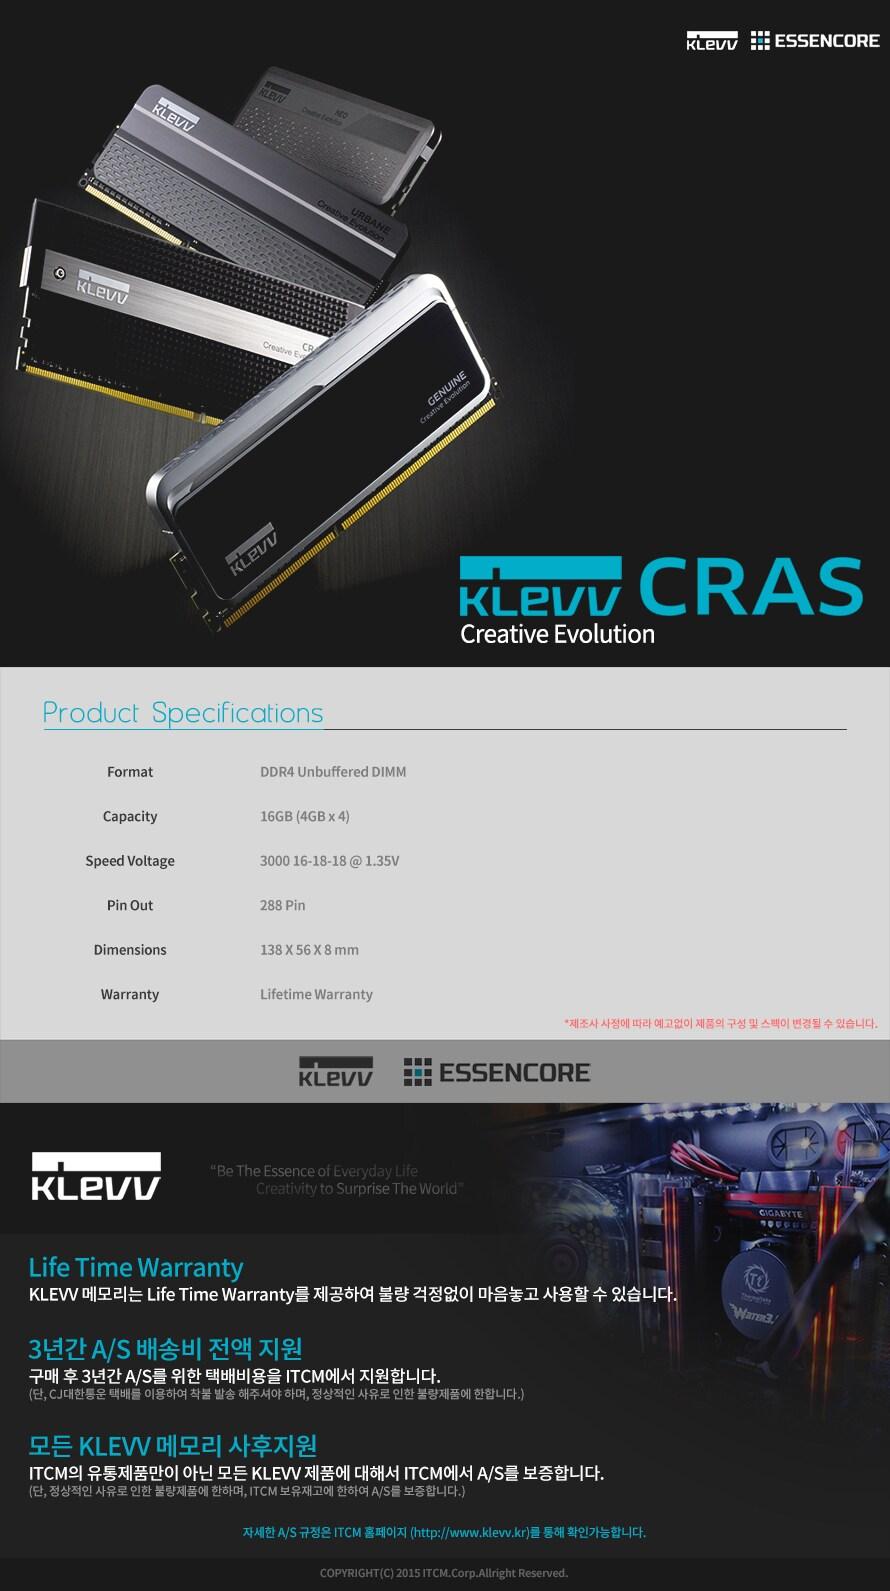 ESSENCORE KLEVV DDR4 16G PC4-24000 CL16 CRAS  (4Gx4)_2 white_red.jpg